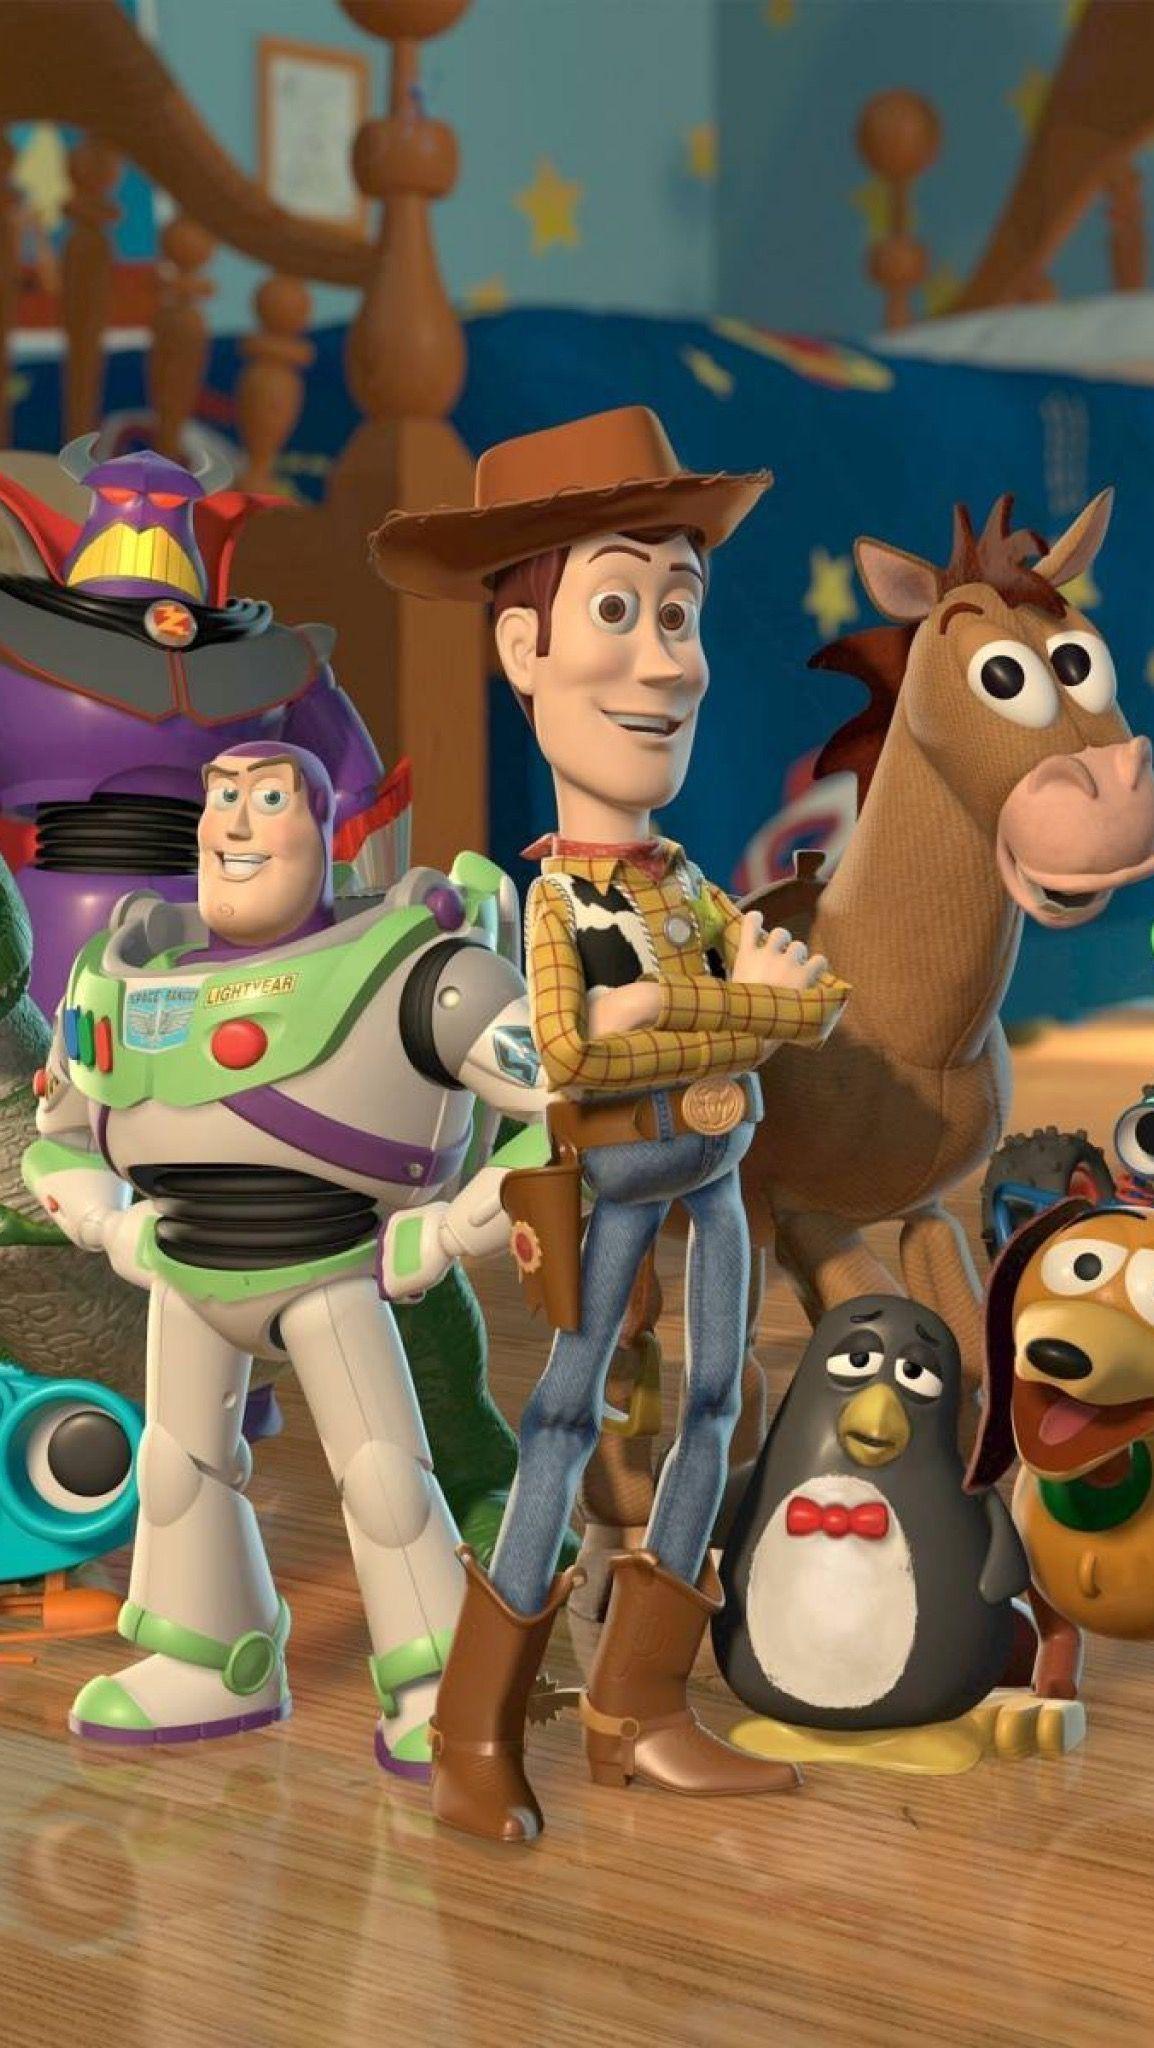 Toy Story 2 Wallpaper de desenhos animados, Papel de